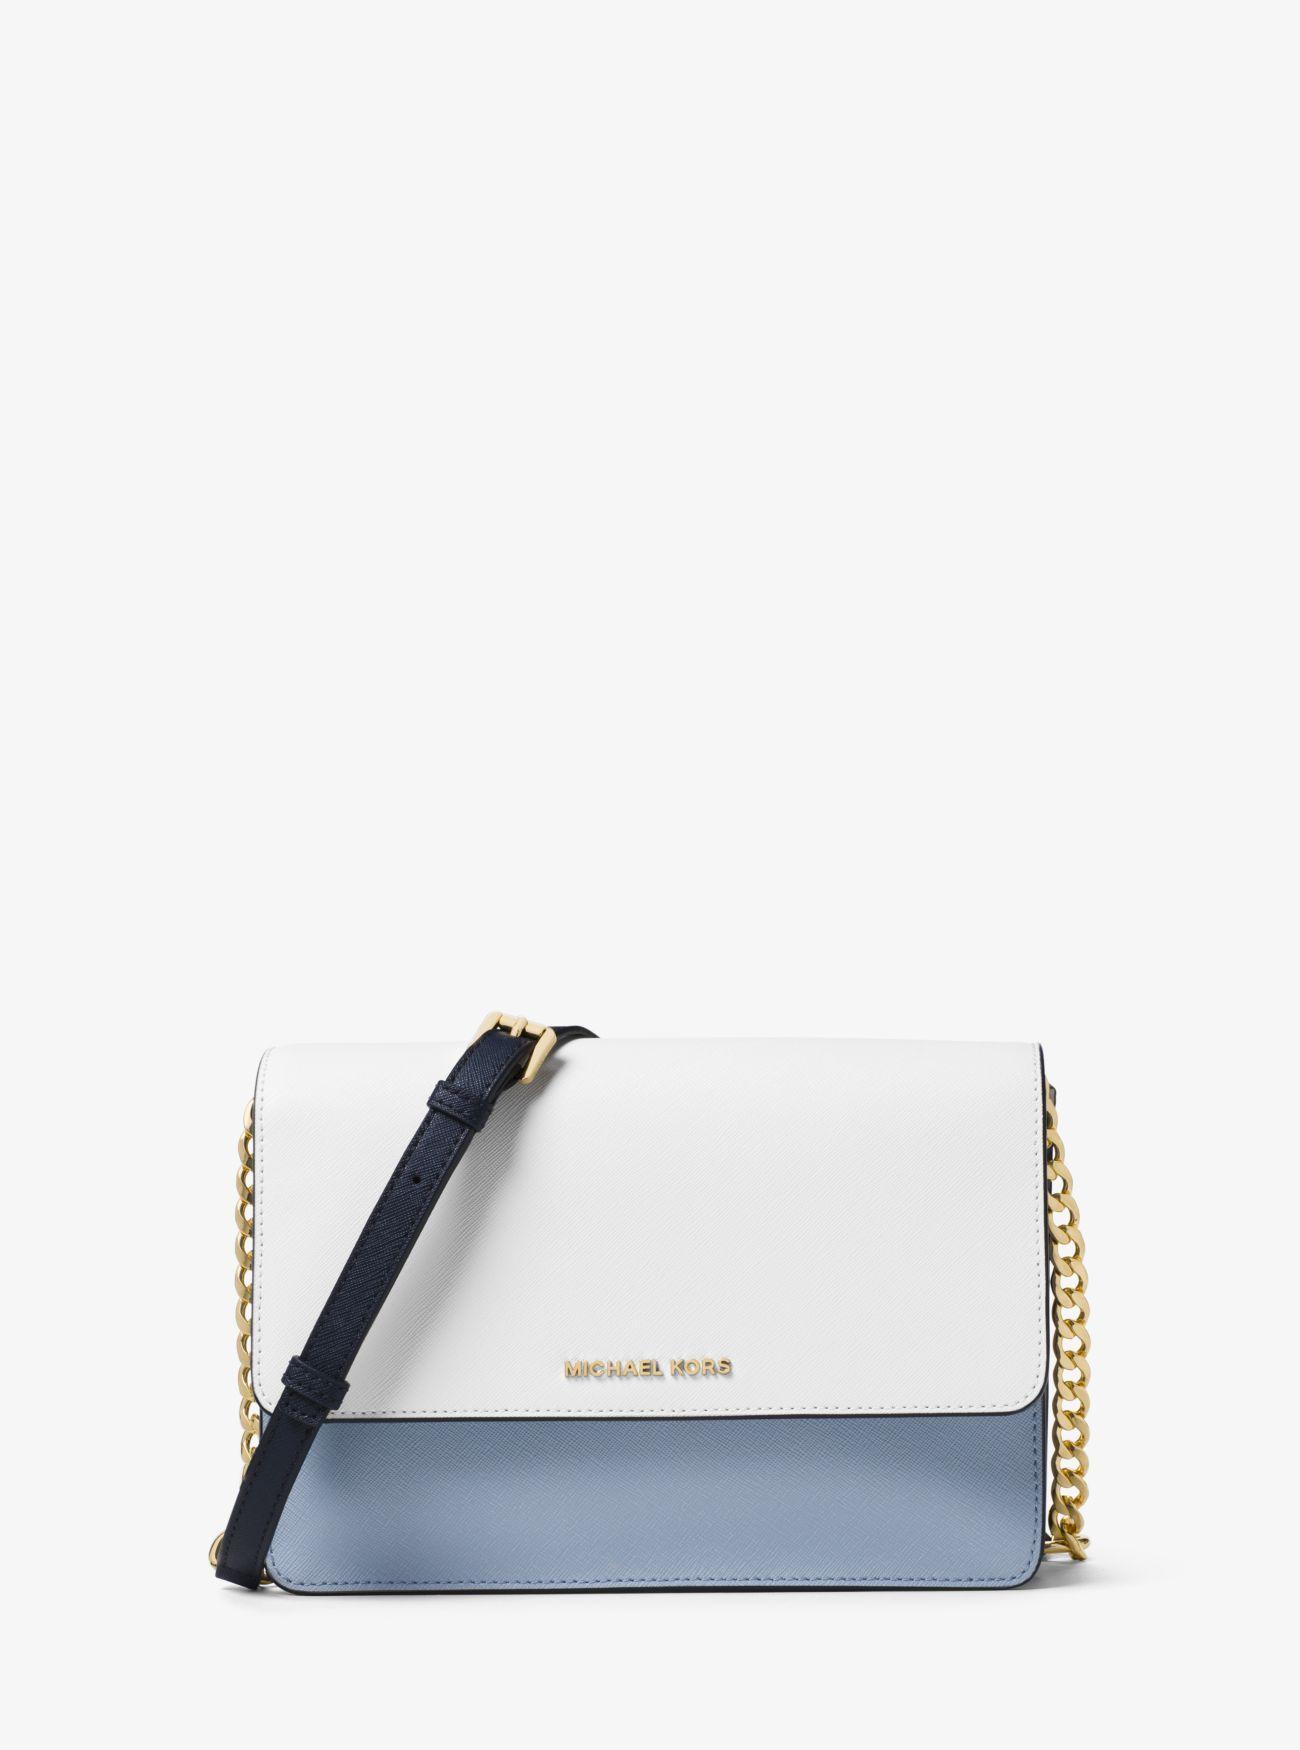 c4e1d4a2c97d Daniela Large Color-Block Saffiano Leather Crossbody Mini Handbags, Purses  And Handbags, Small